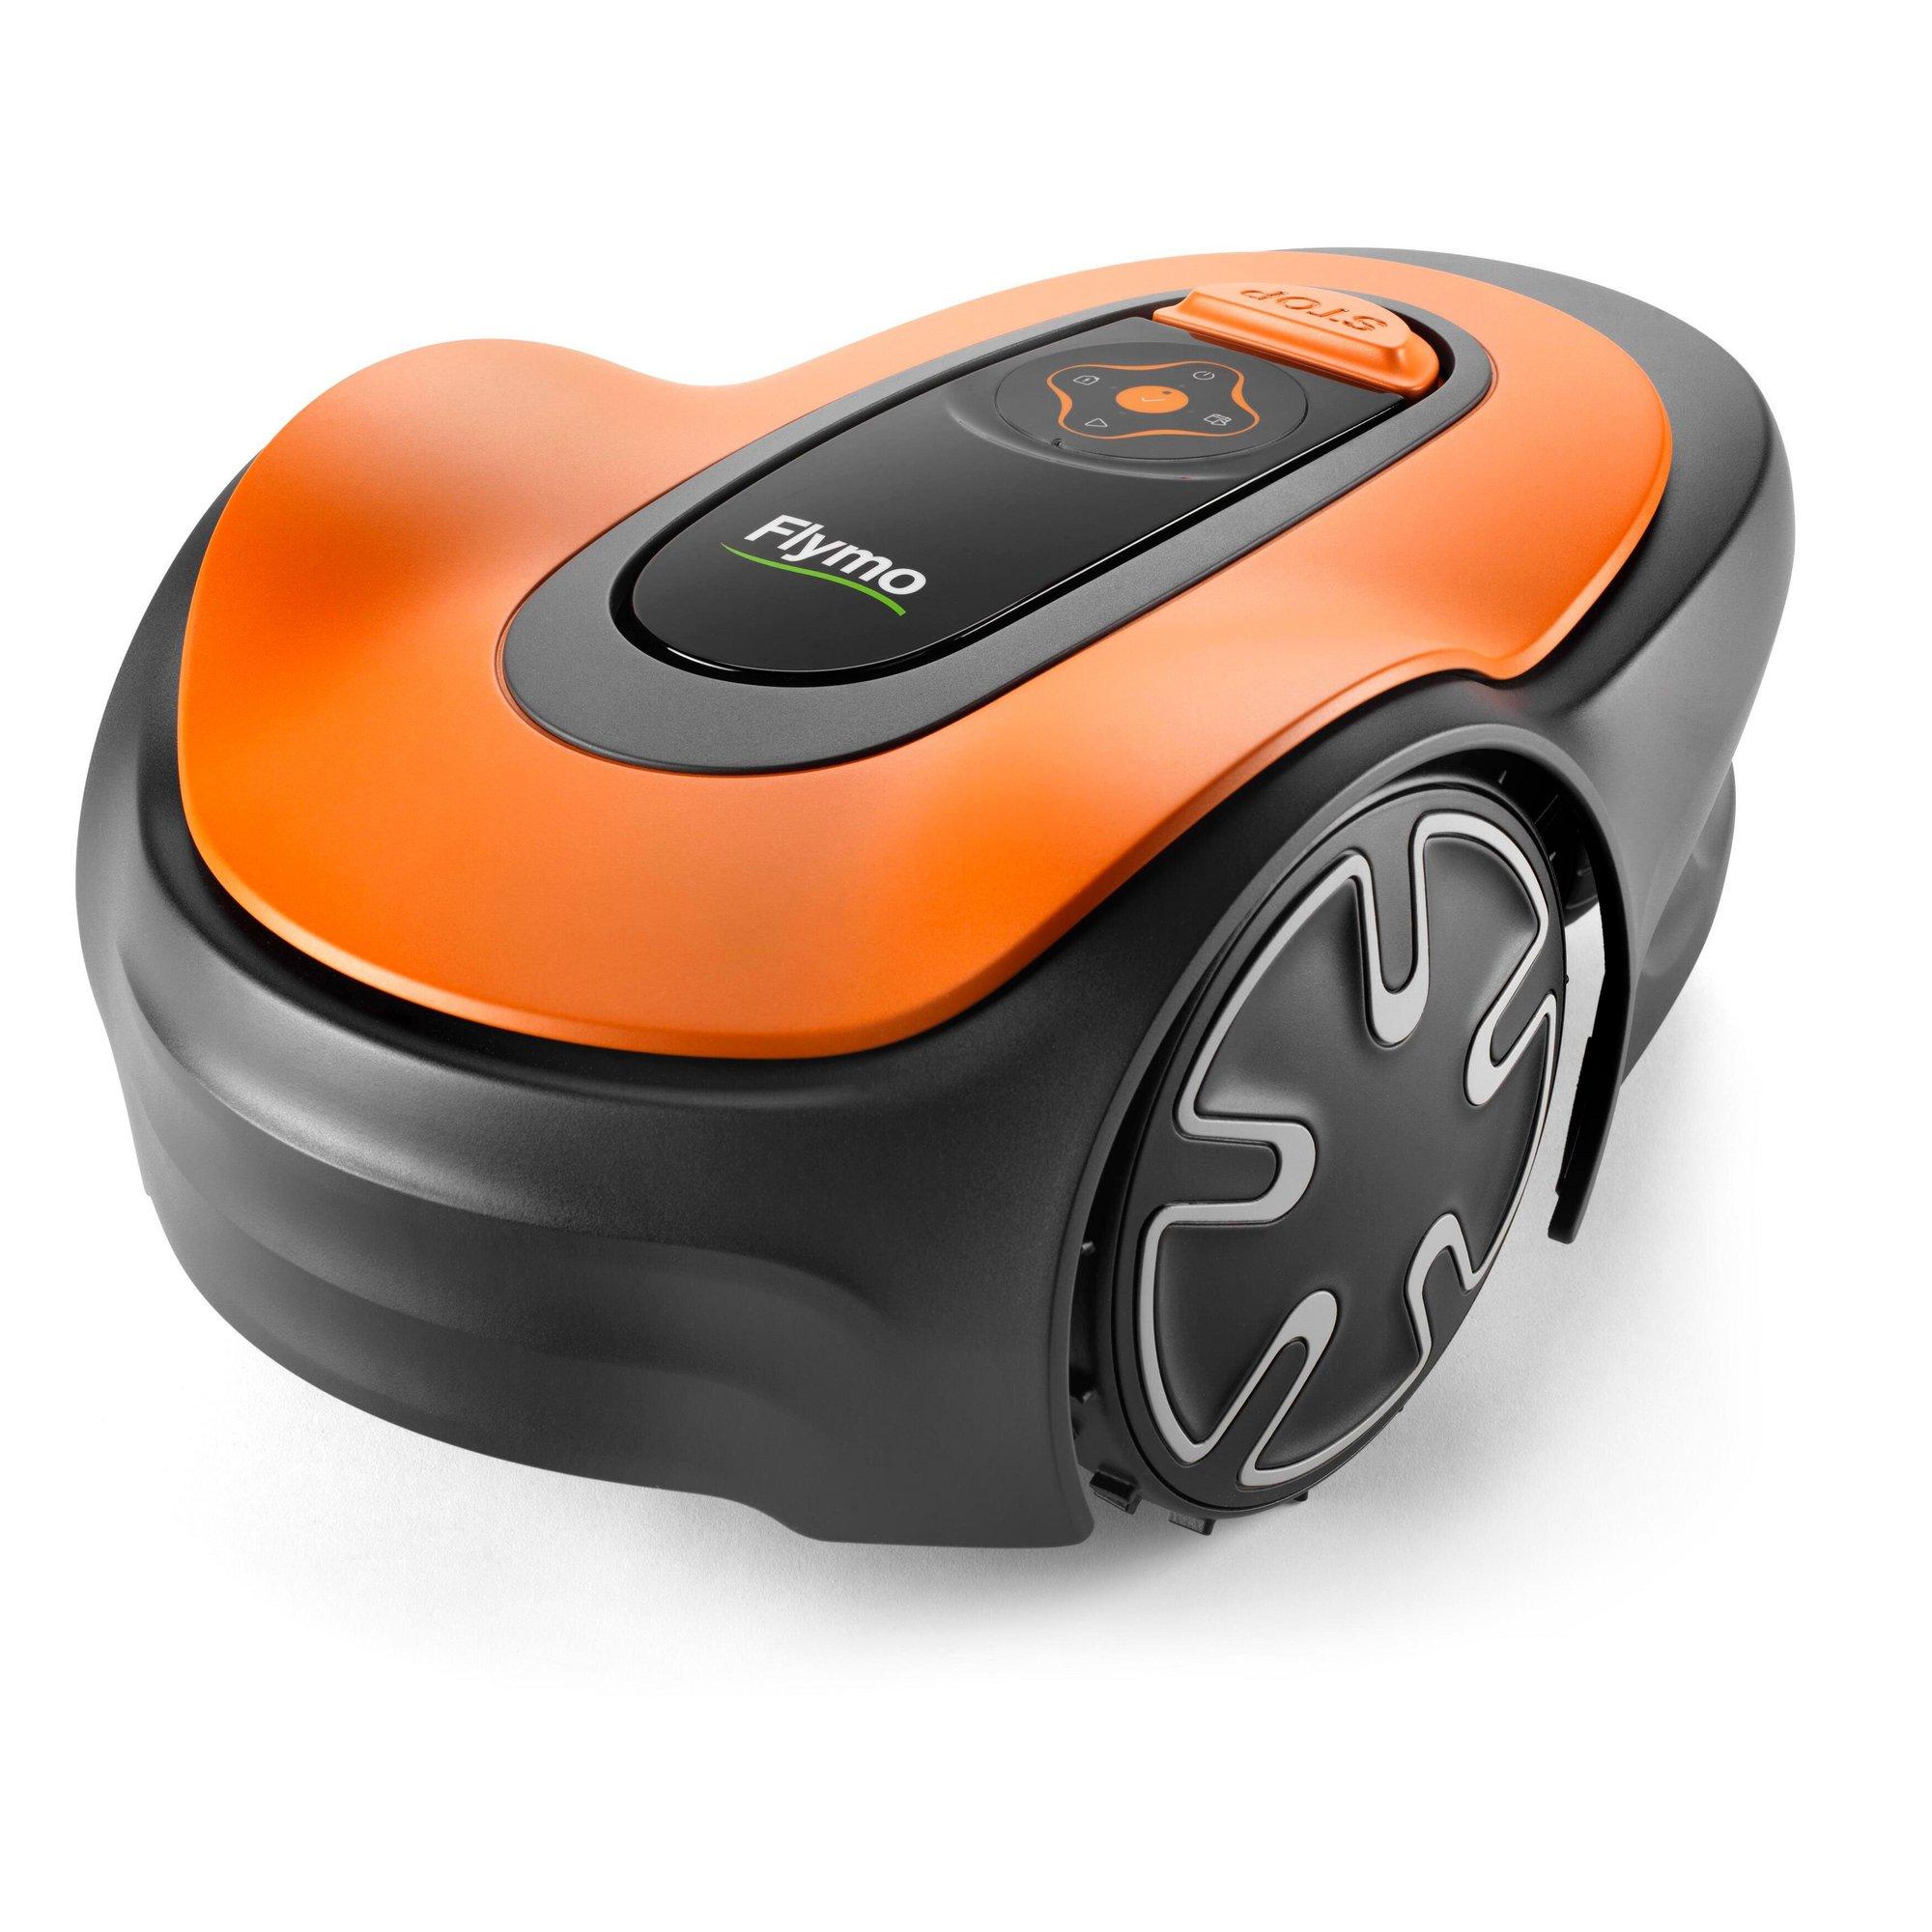 Image of Flymo EasiLife GO 500 Robotic Lawnmower